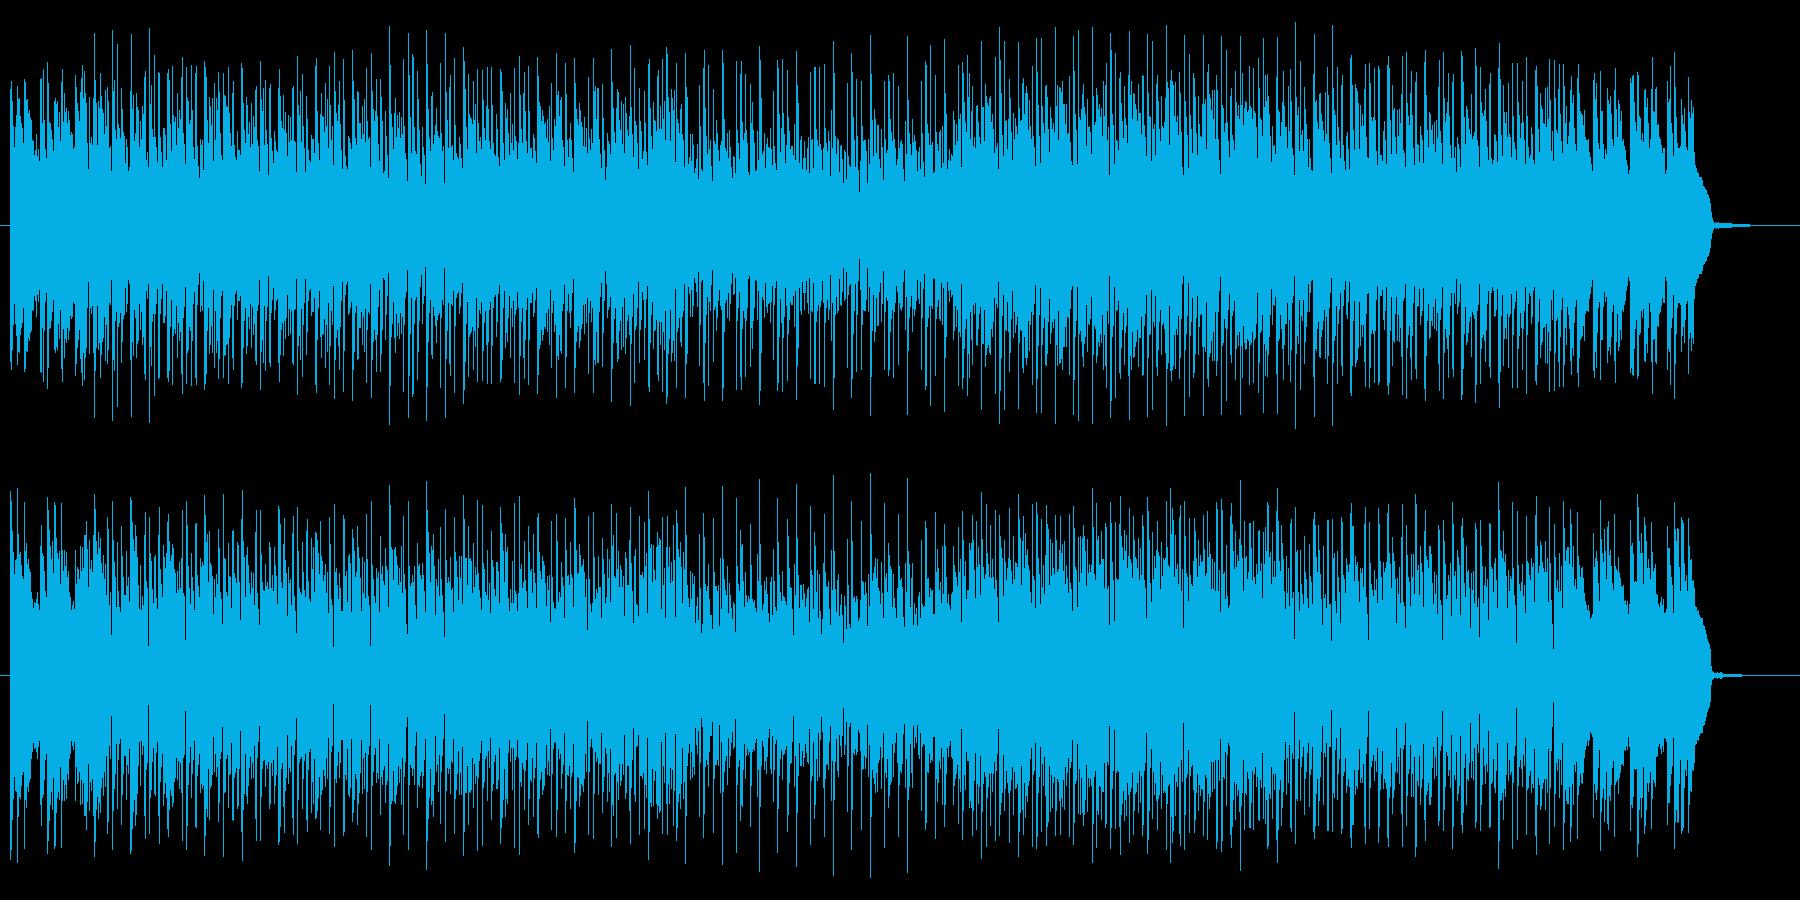 疾走感ある神秘的なテクノサウンドの再生済みの波形